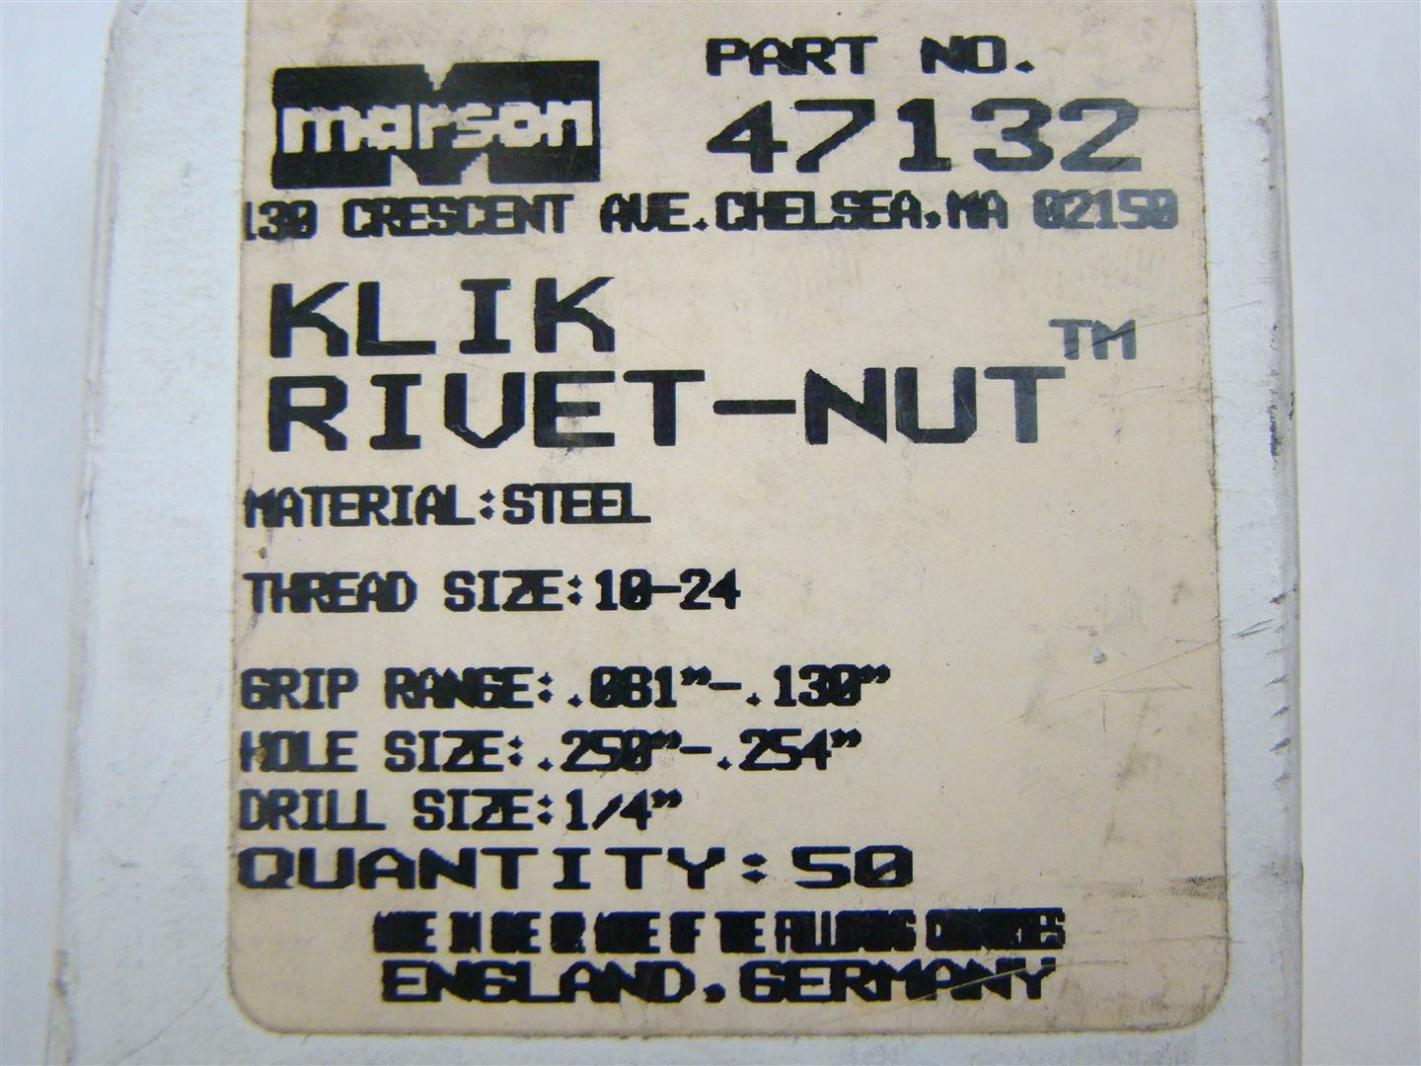 Details about (50) Marson Klik Poly-Nut Rivet-Nut Thread Size: 10-24, 47132